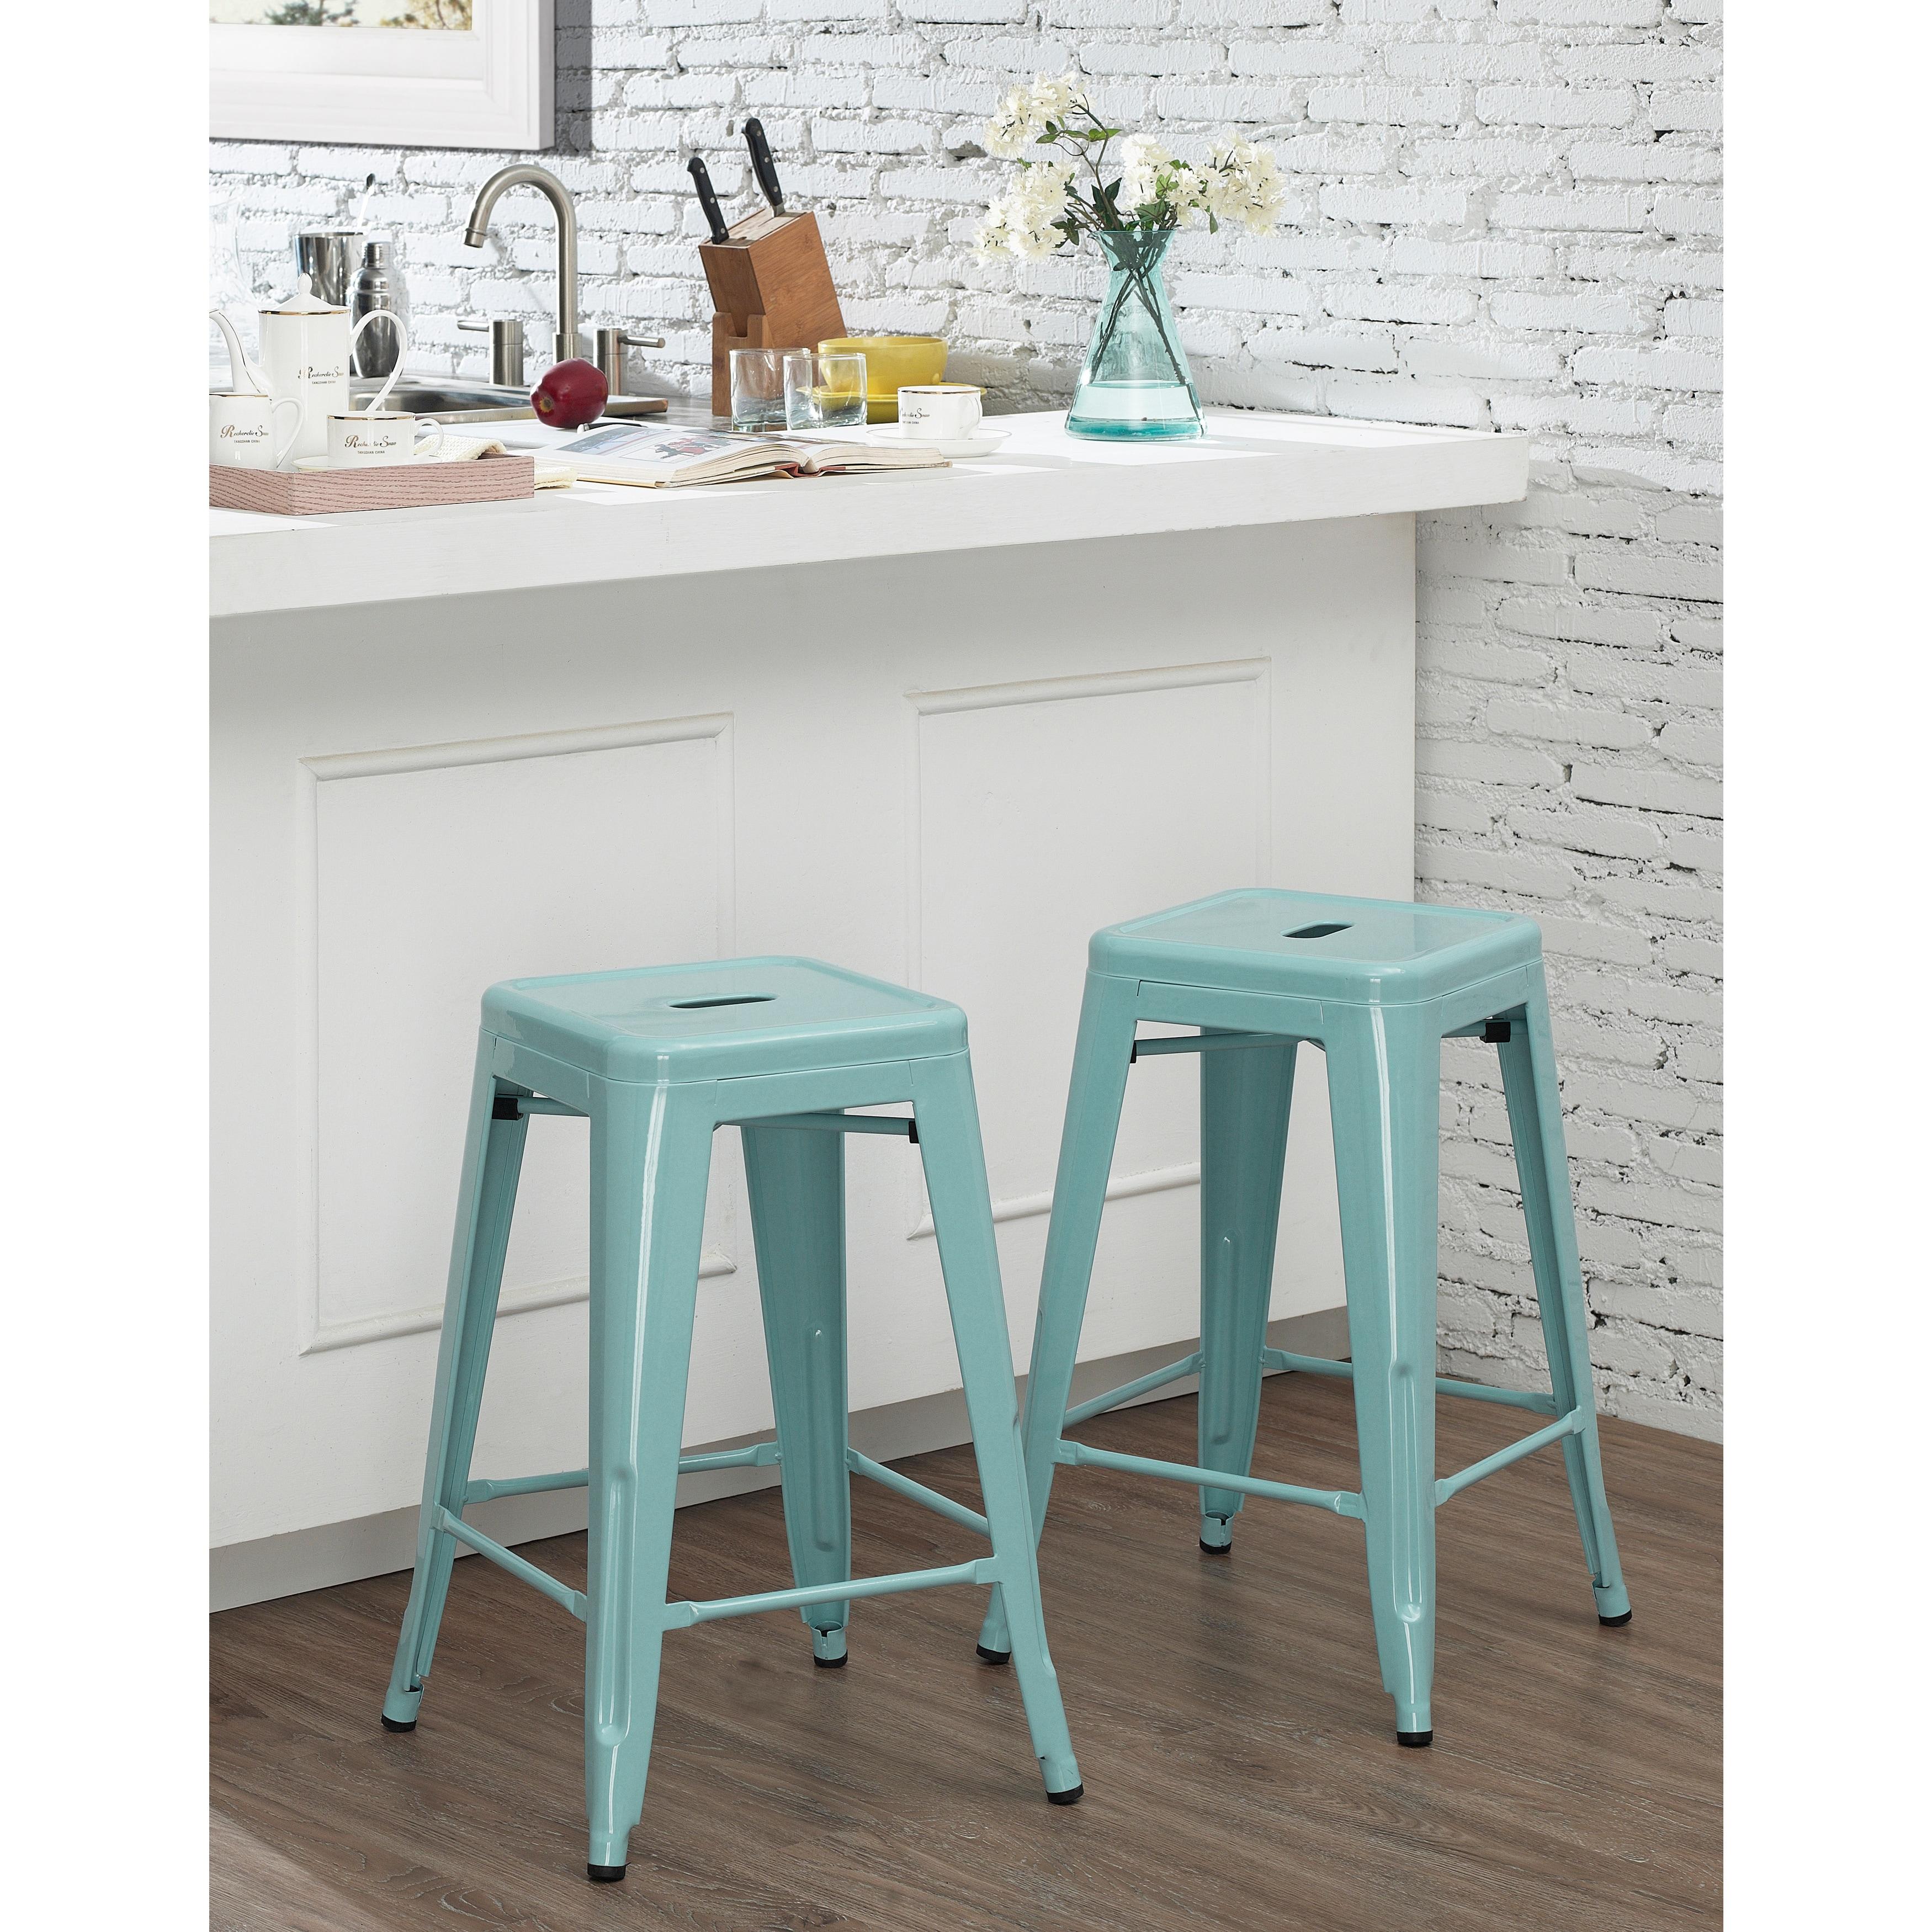 soho stools bar tremendeous stool blue sohoconcept of aqua contemporary home counter sparkley amazing